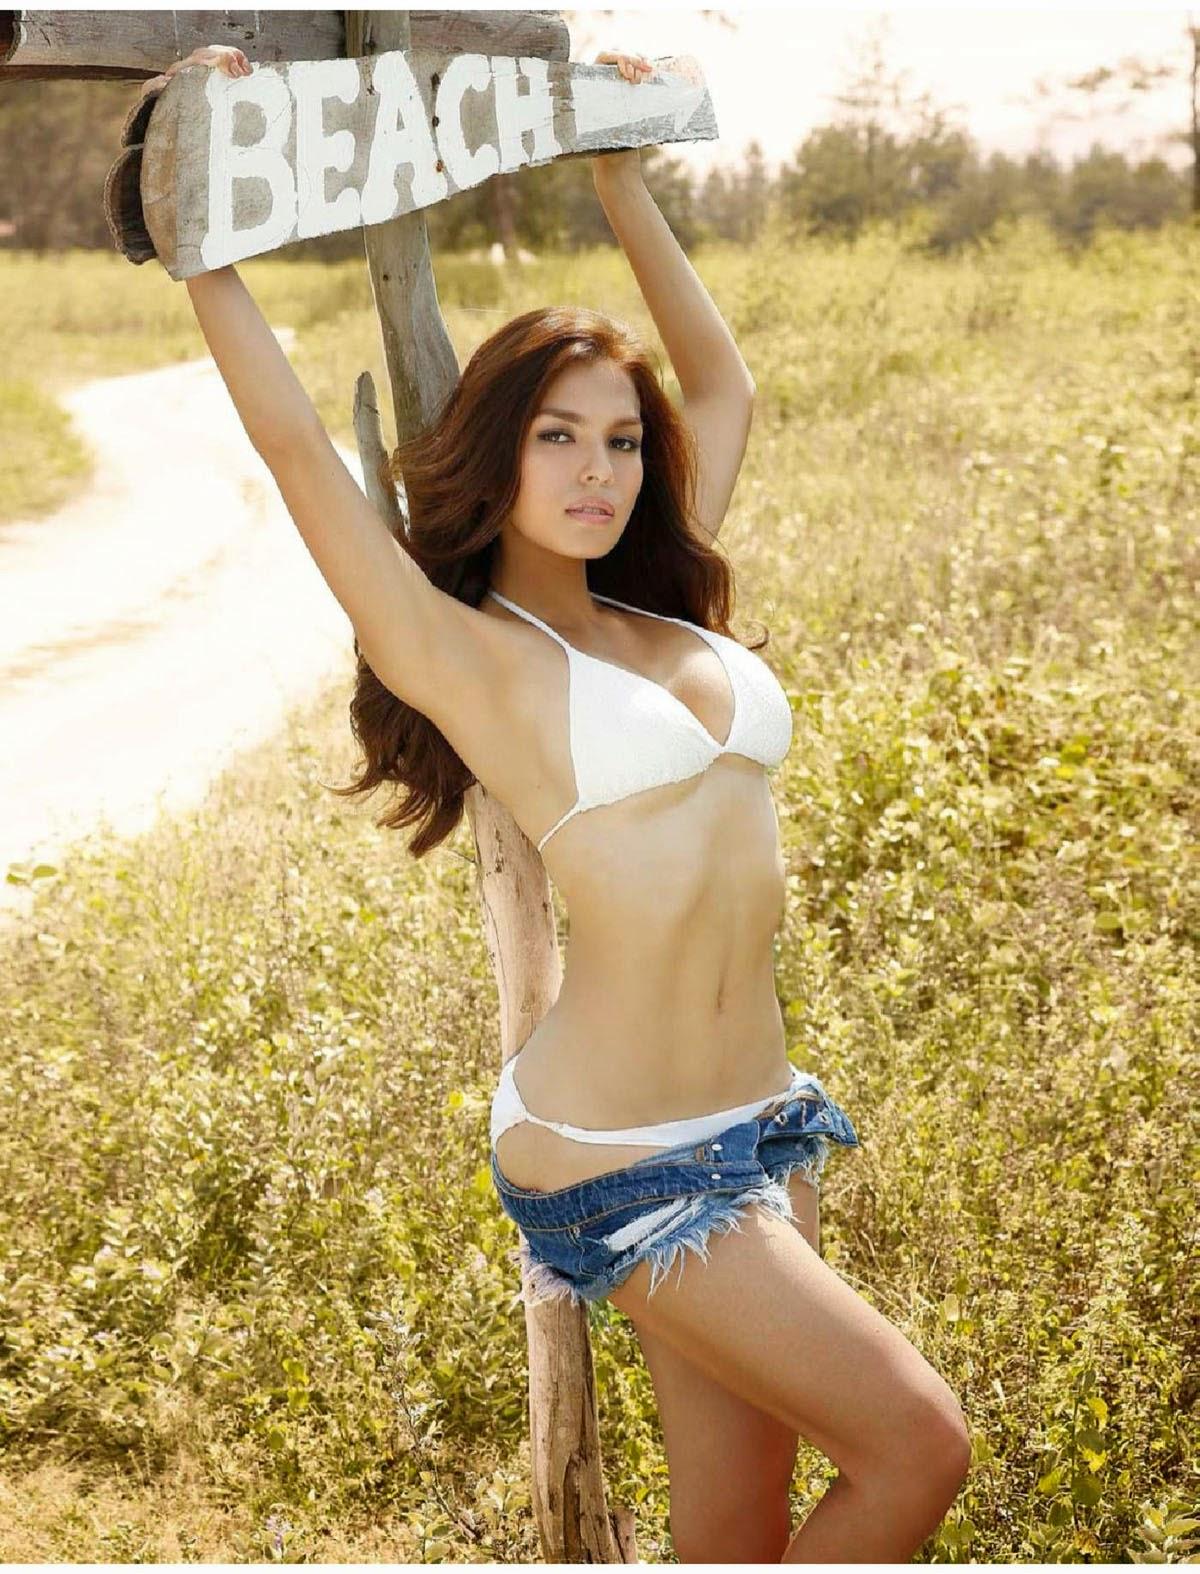 andrea torres hot bikini pics 01